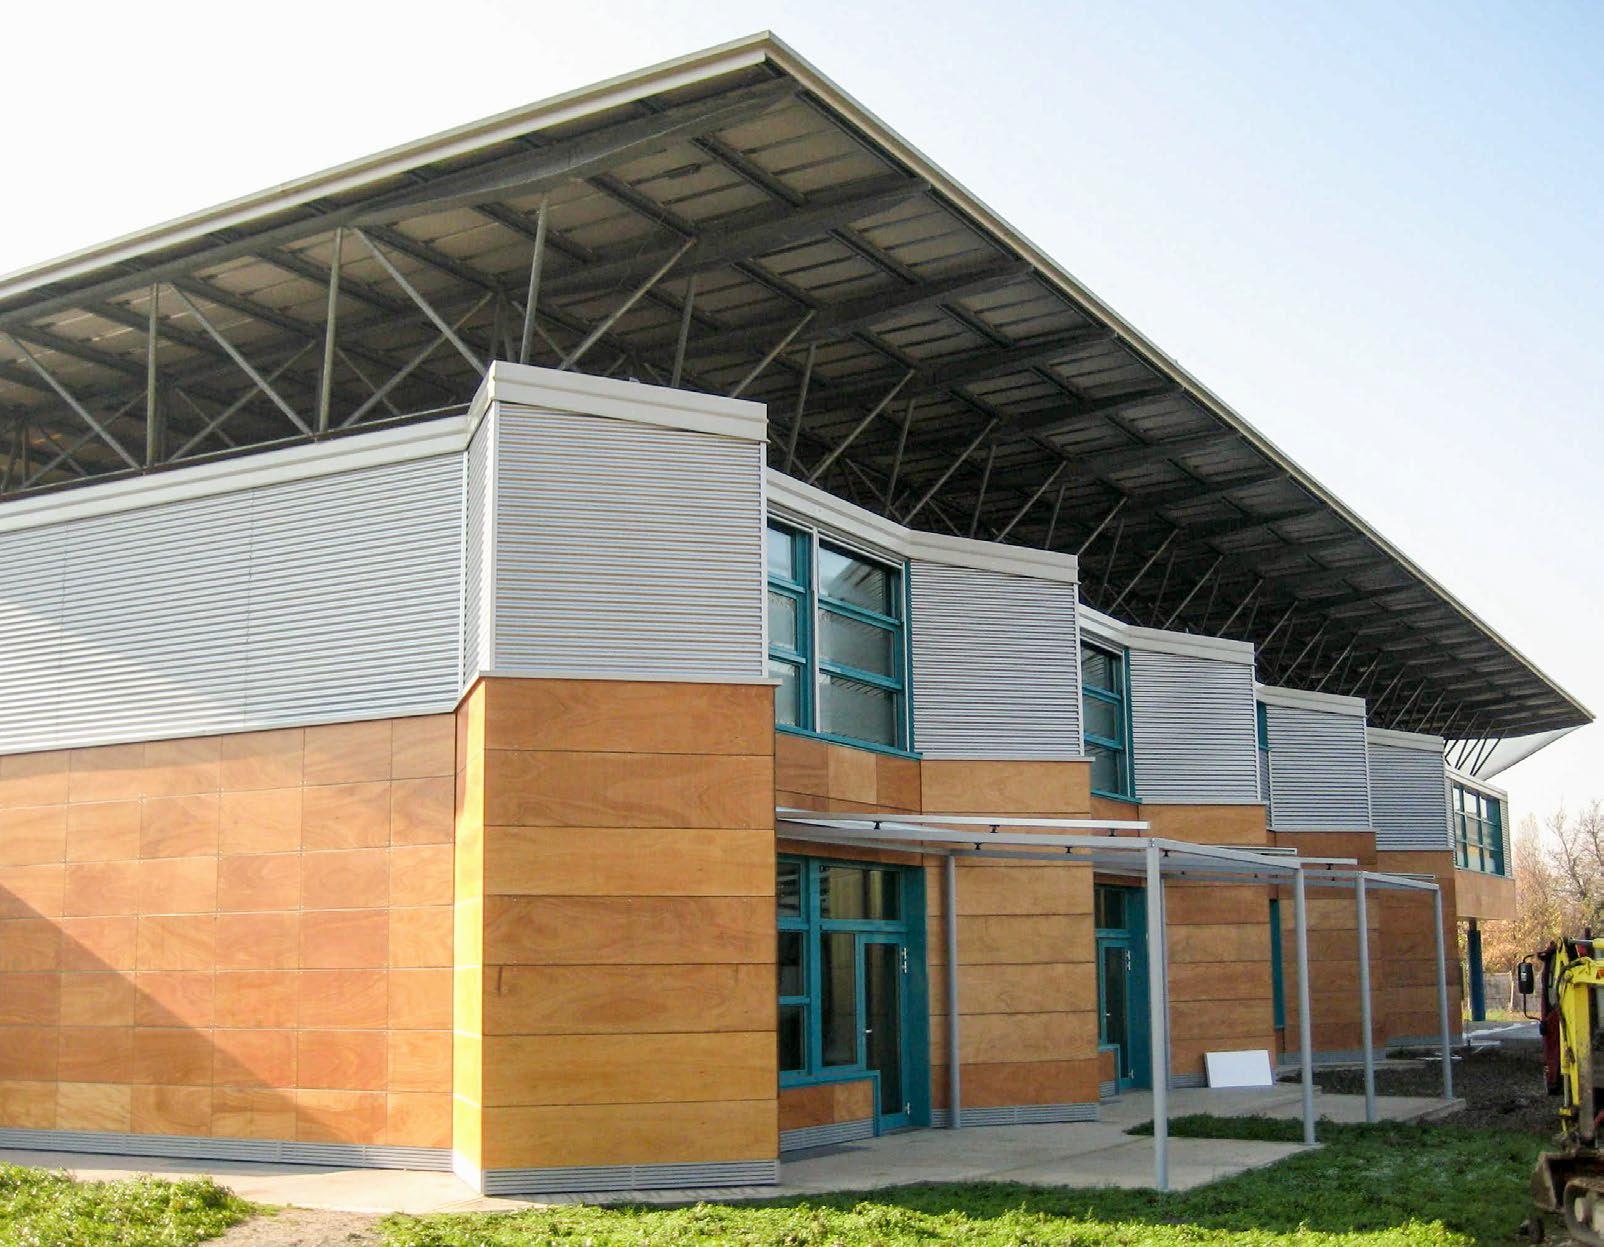 Edilizia scolastica, registrato alla Corte dei Conti il DPCM che sblocca 100 milioni di euro dal Patto di Stabilità